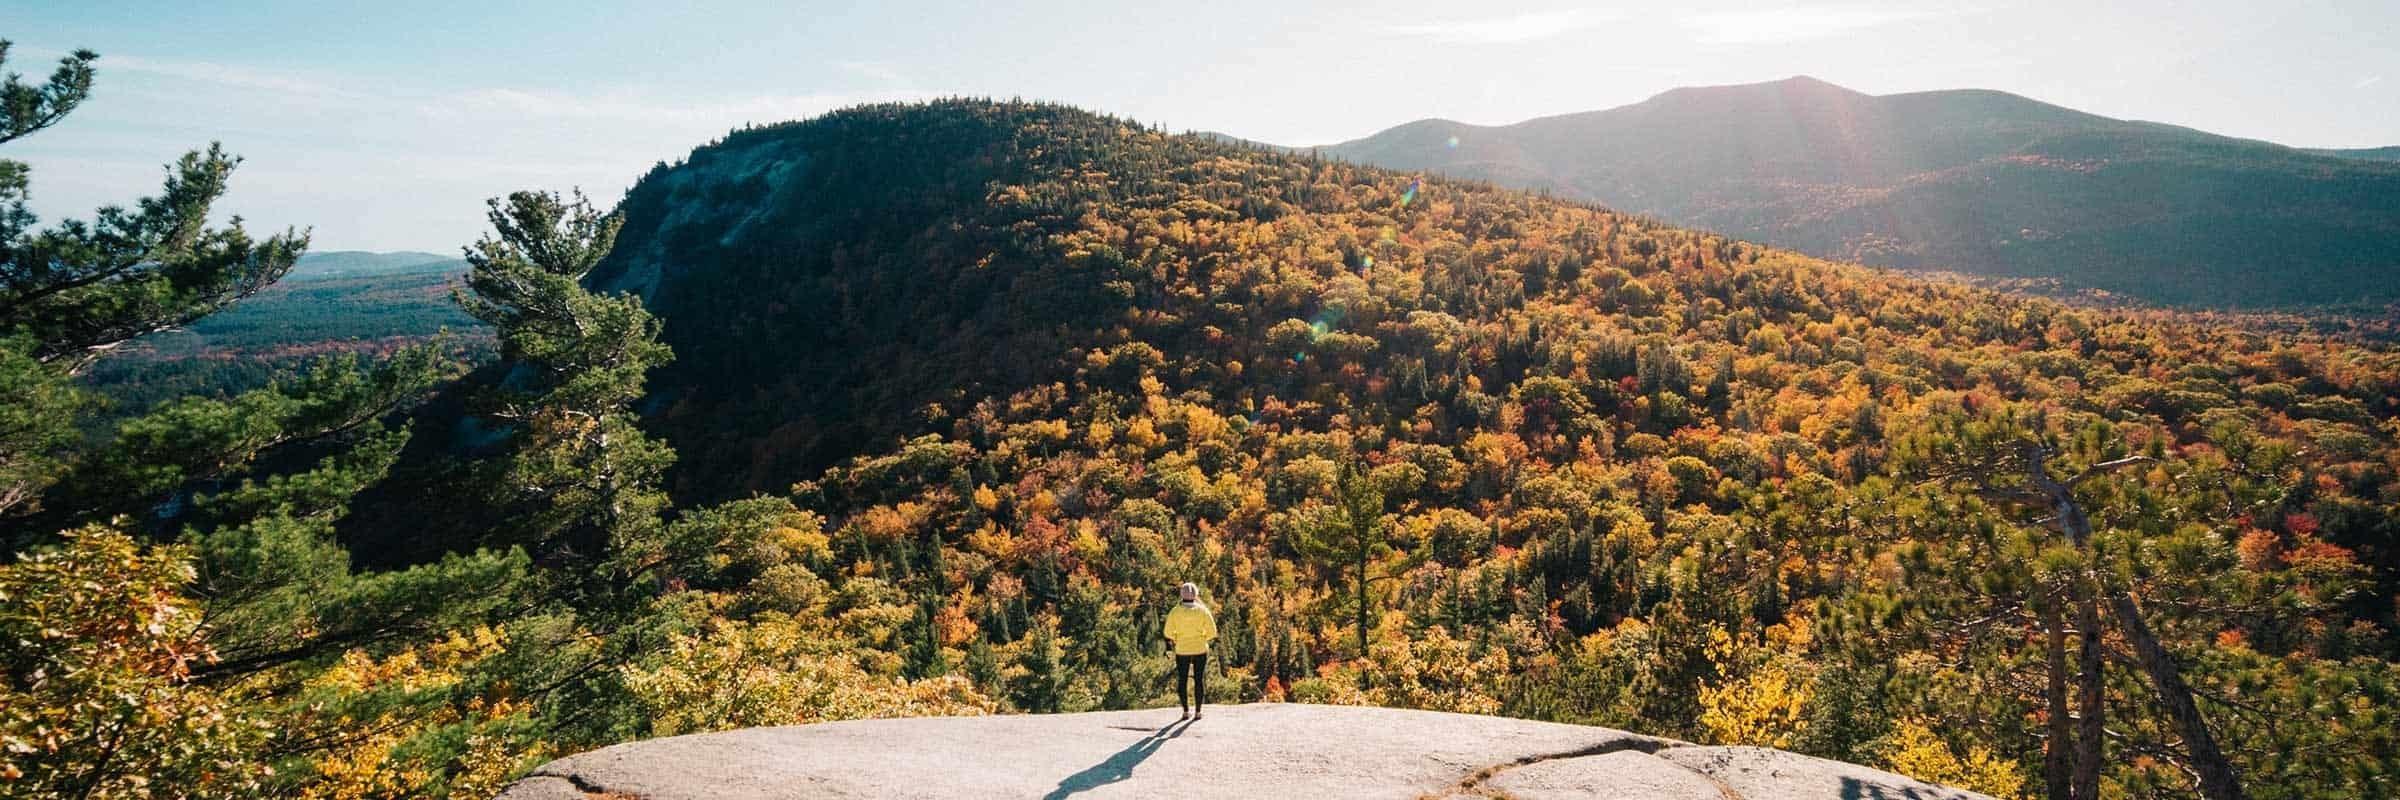 Les 5 meilleures randonnées automnales près de Montréal